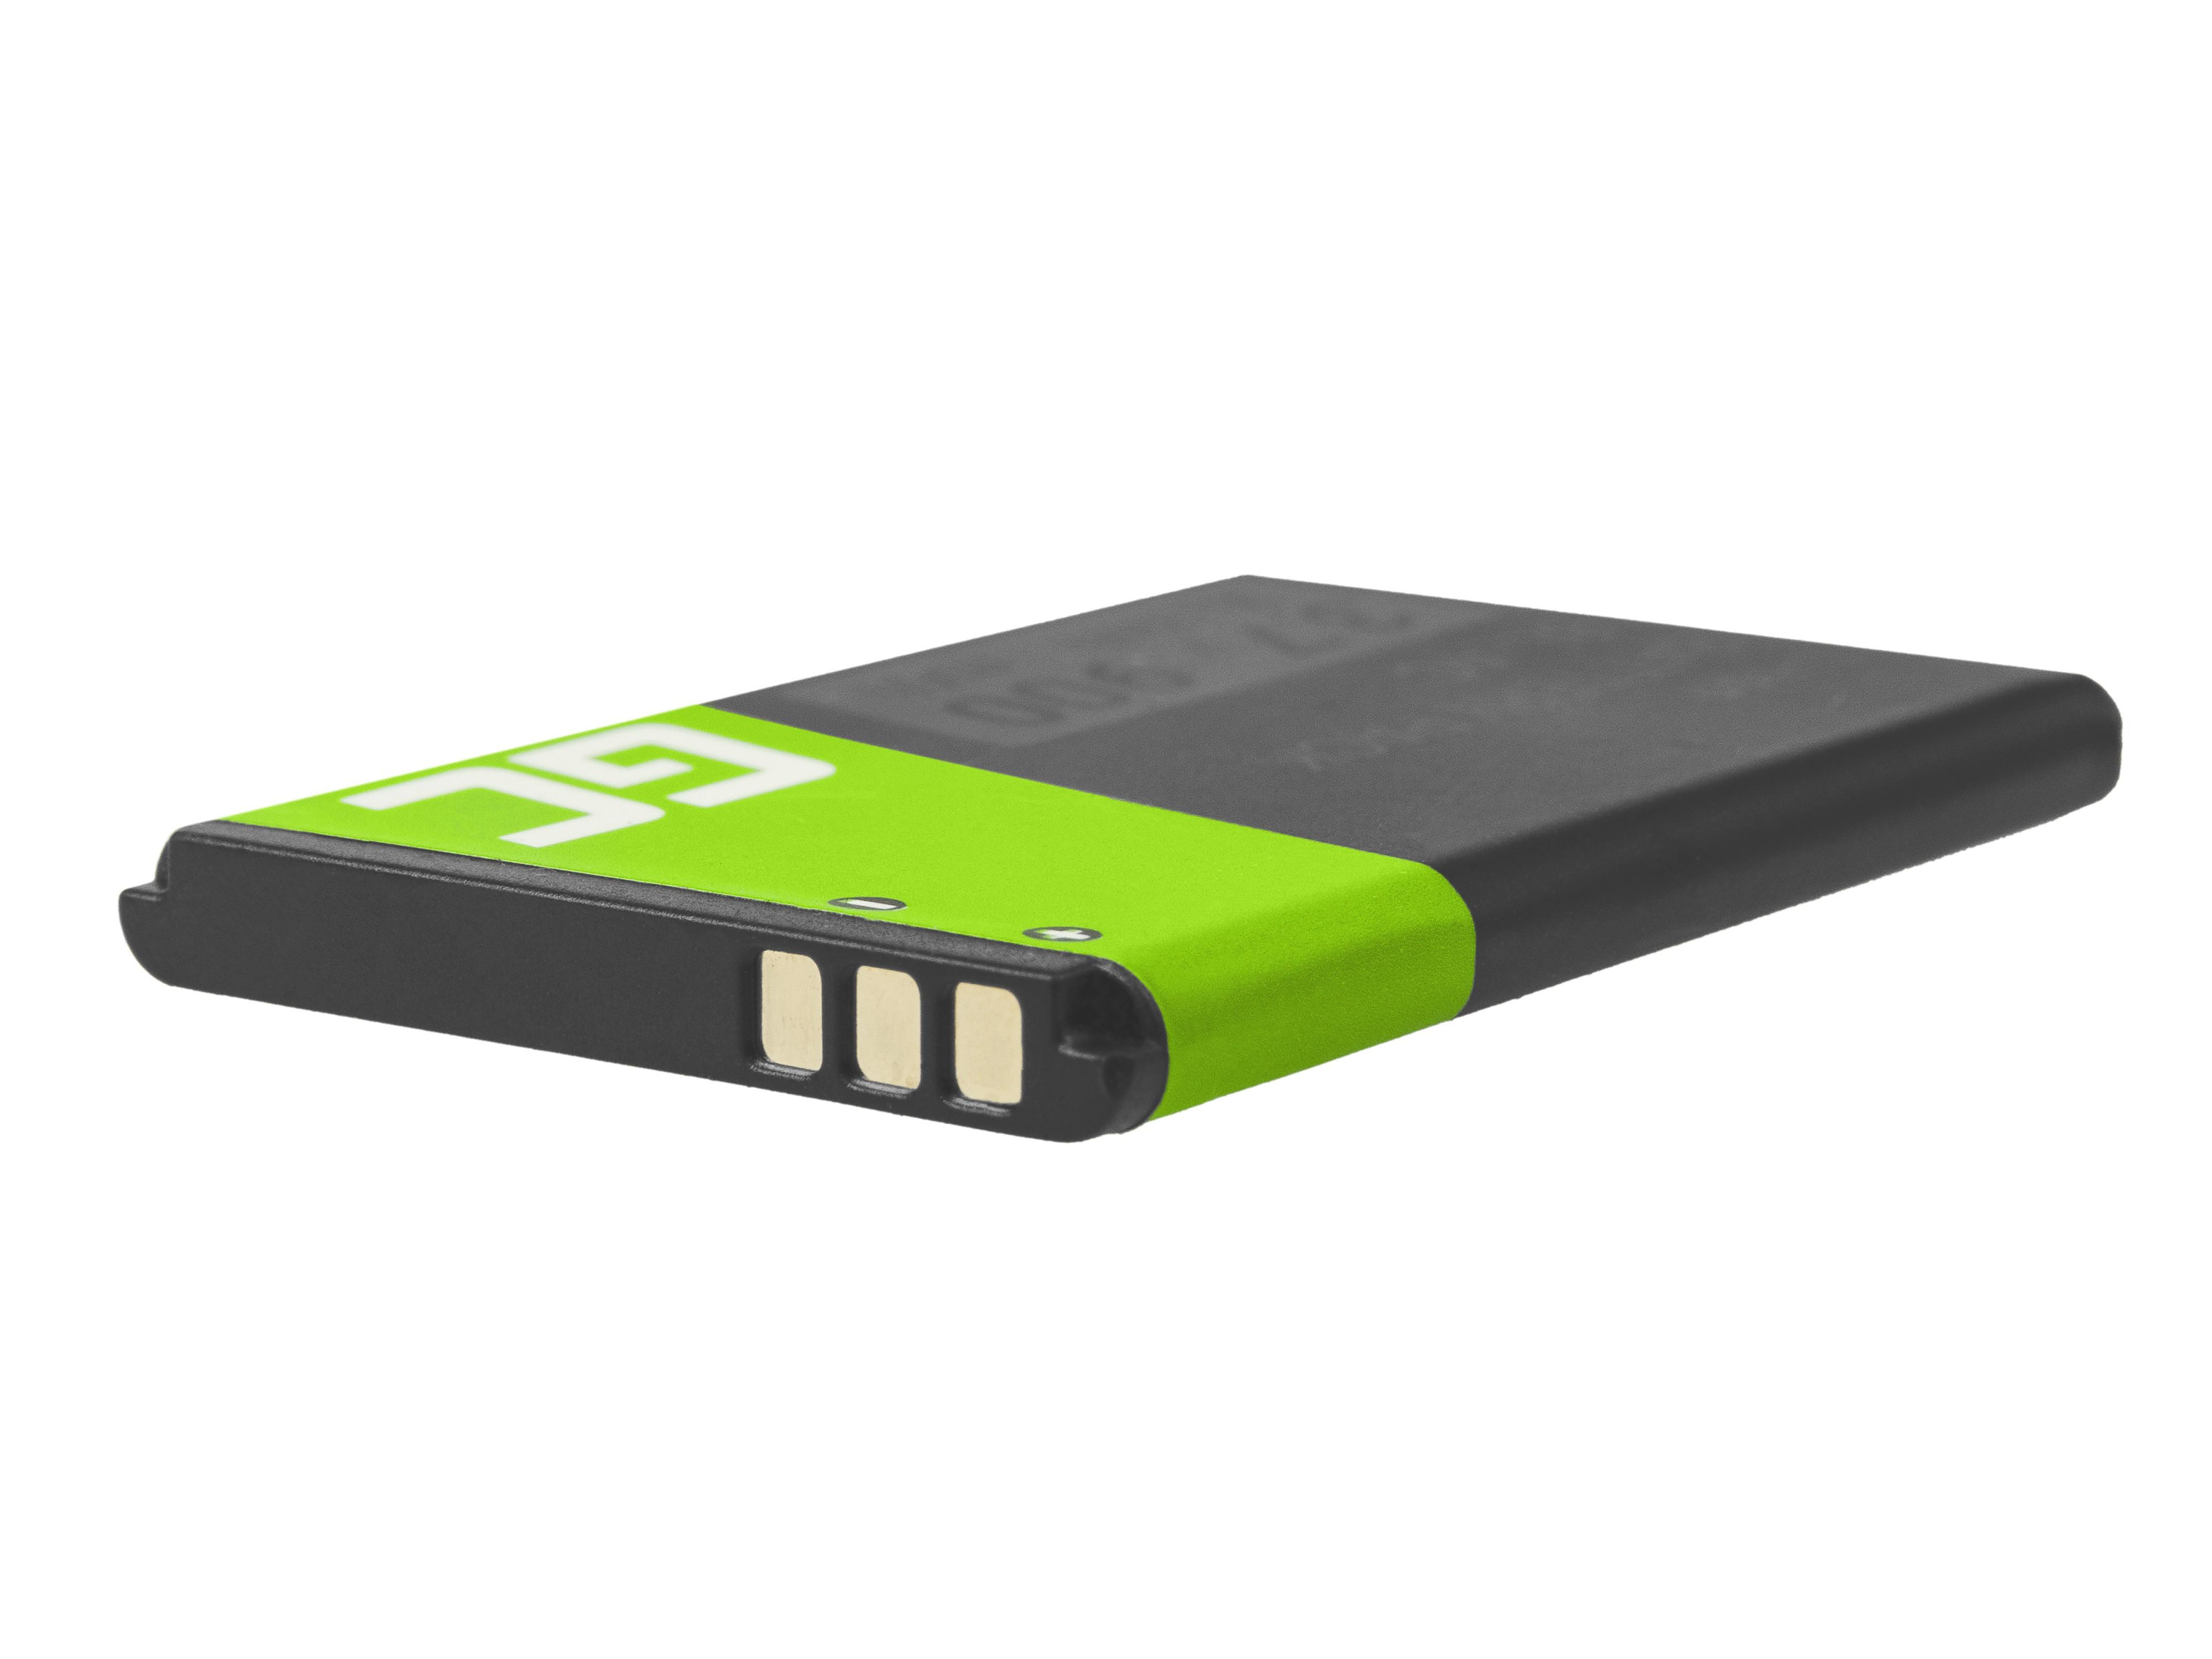 Grönt mobiltelefonbatteri BL-4C för Nokia 5100 6100 6103 6300 7200